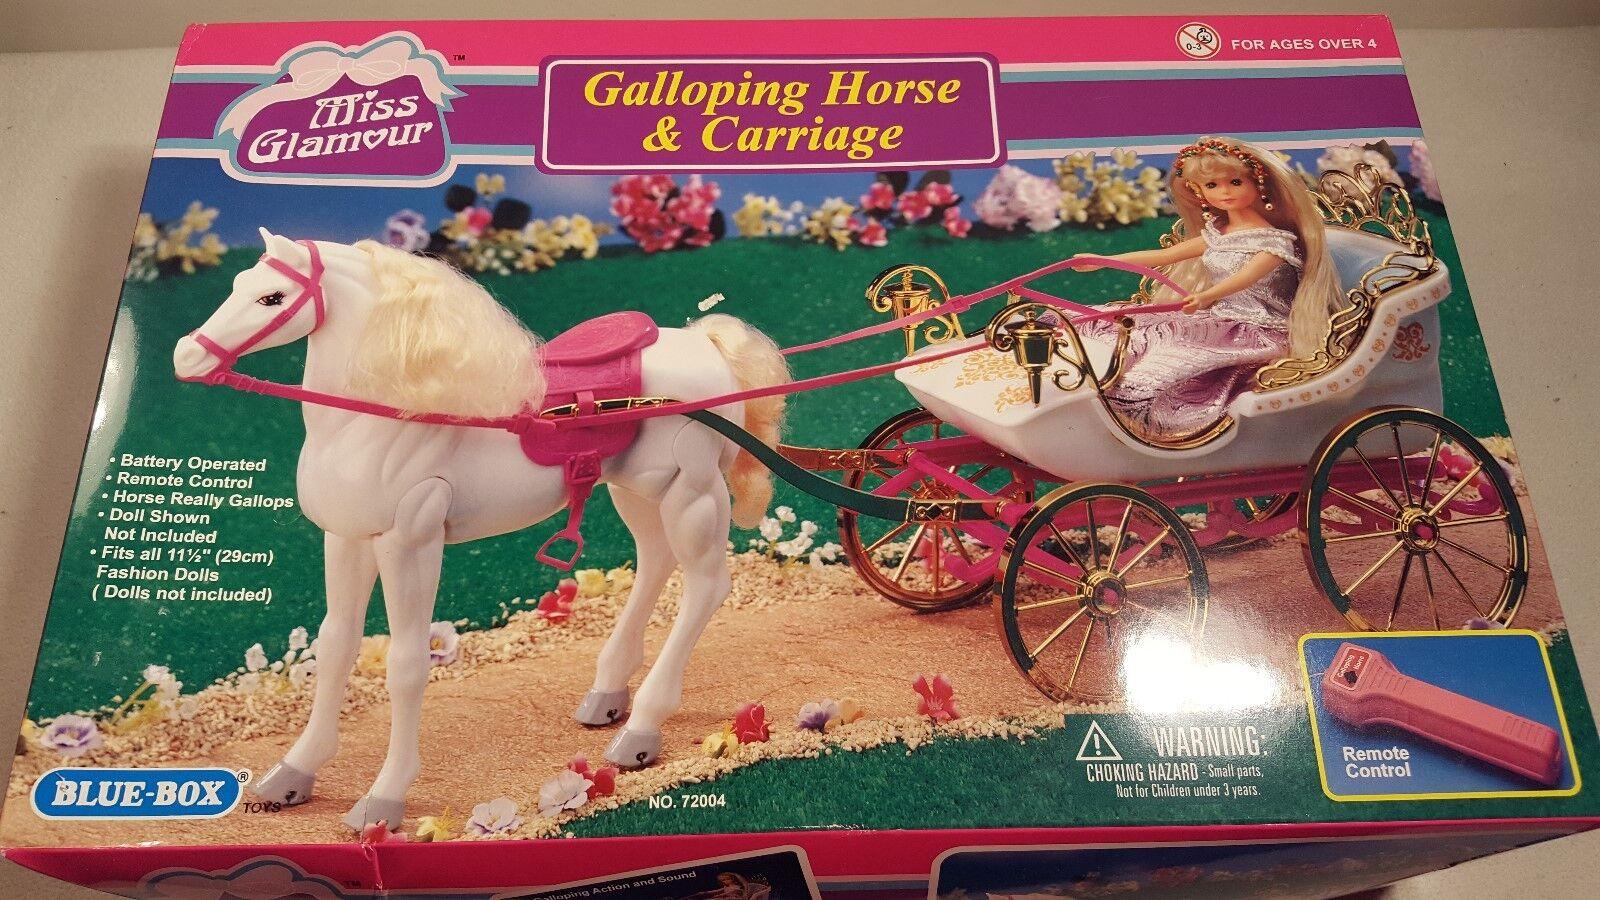 Miss glamour galoppierenden pferd und kutsche selten Blau-box spielzeug nib nie geöffnet